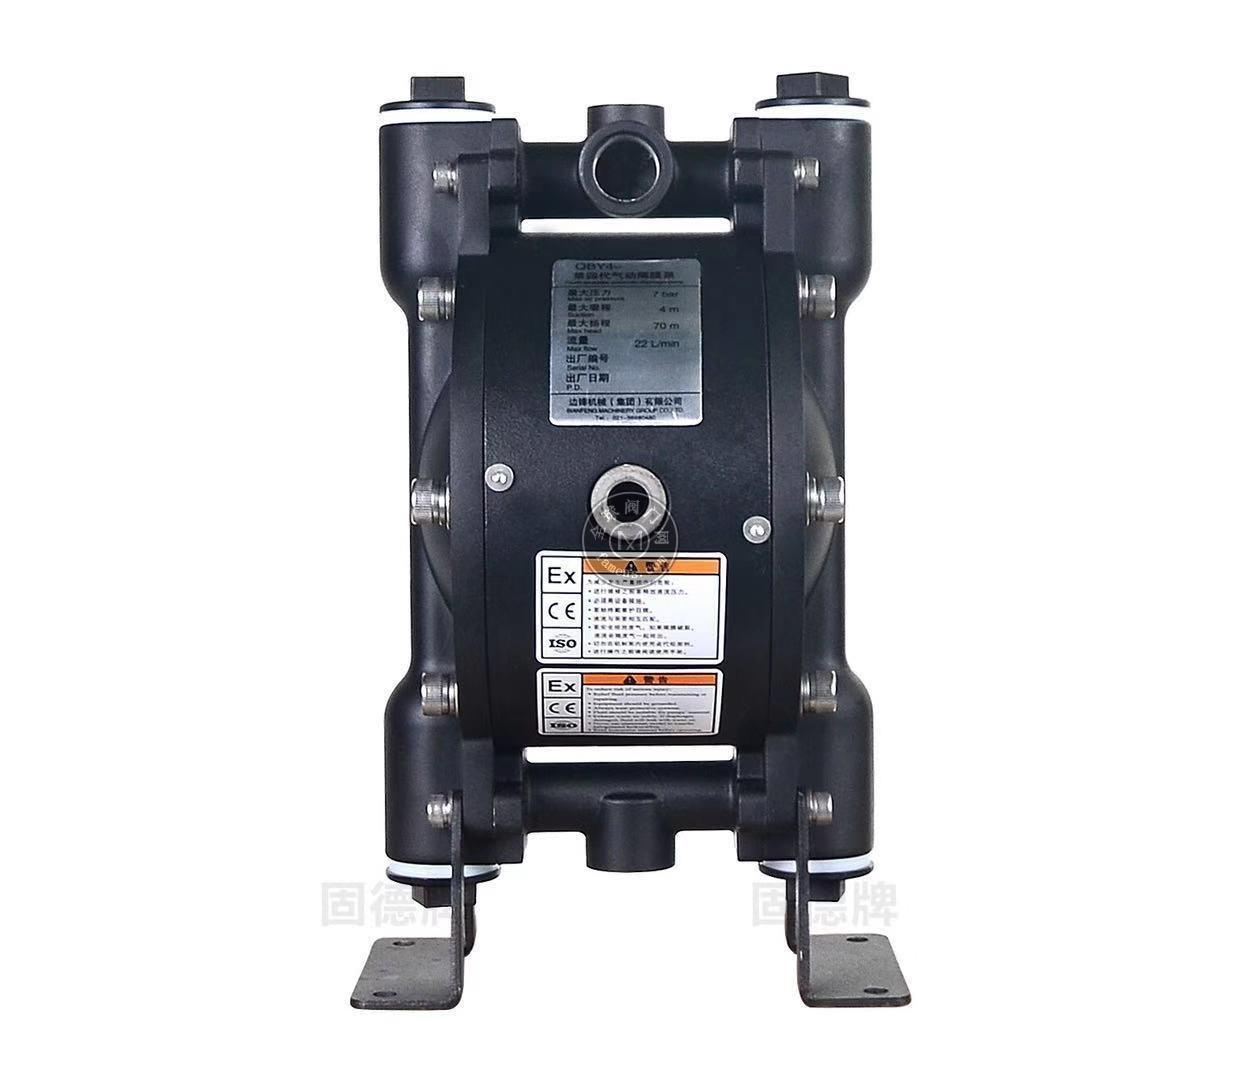 边锋固德牌第四代气动隔膜泵QBY4-10/15LFFF铝合金材质